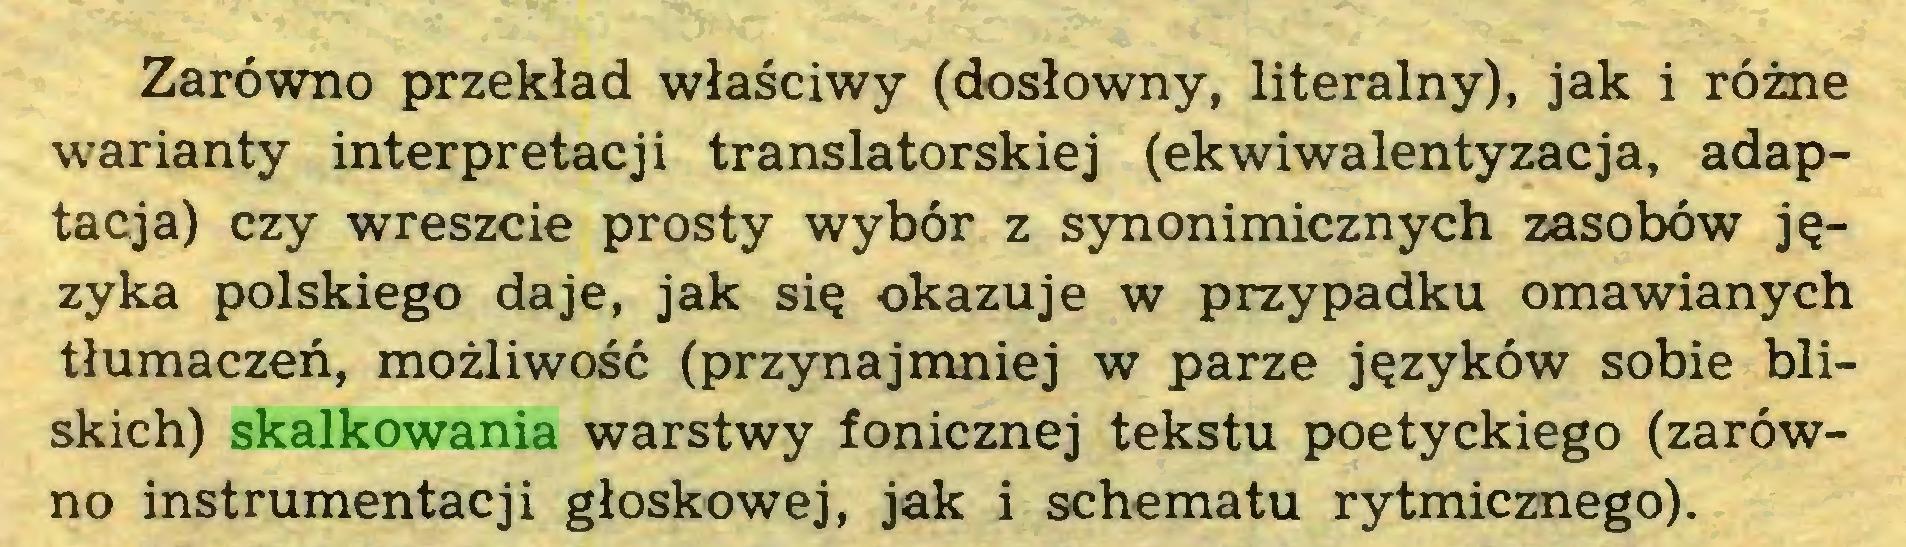 (...) Zarówno przekład właściwy (dosłowny, literalny), jak i różne warianty interpretacji translatorskiej (ekwiwalentyzacja, adaptacja) czy wreszcie prosty wybór z synonimicznych zasobów języka polskiego daje, jak się okazuje w przypadku omawianych tłumaczeń, możliwość (przynajmniej w parze języków sobie bliskich) skalkowania warstwy fonicznej tekstu poetyckiego (zarówno instrumentacji głoskowej, jak i schematu rytmicznego)...